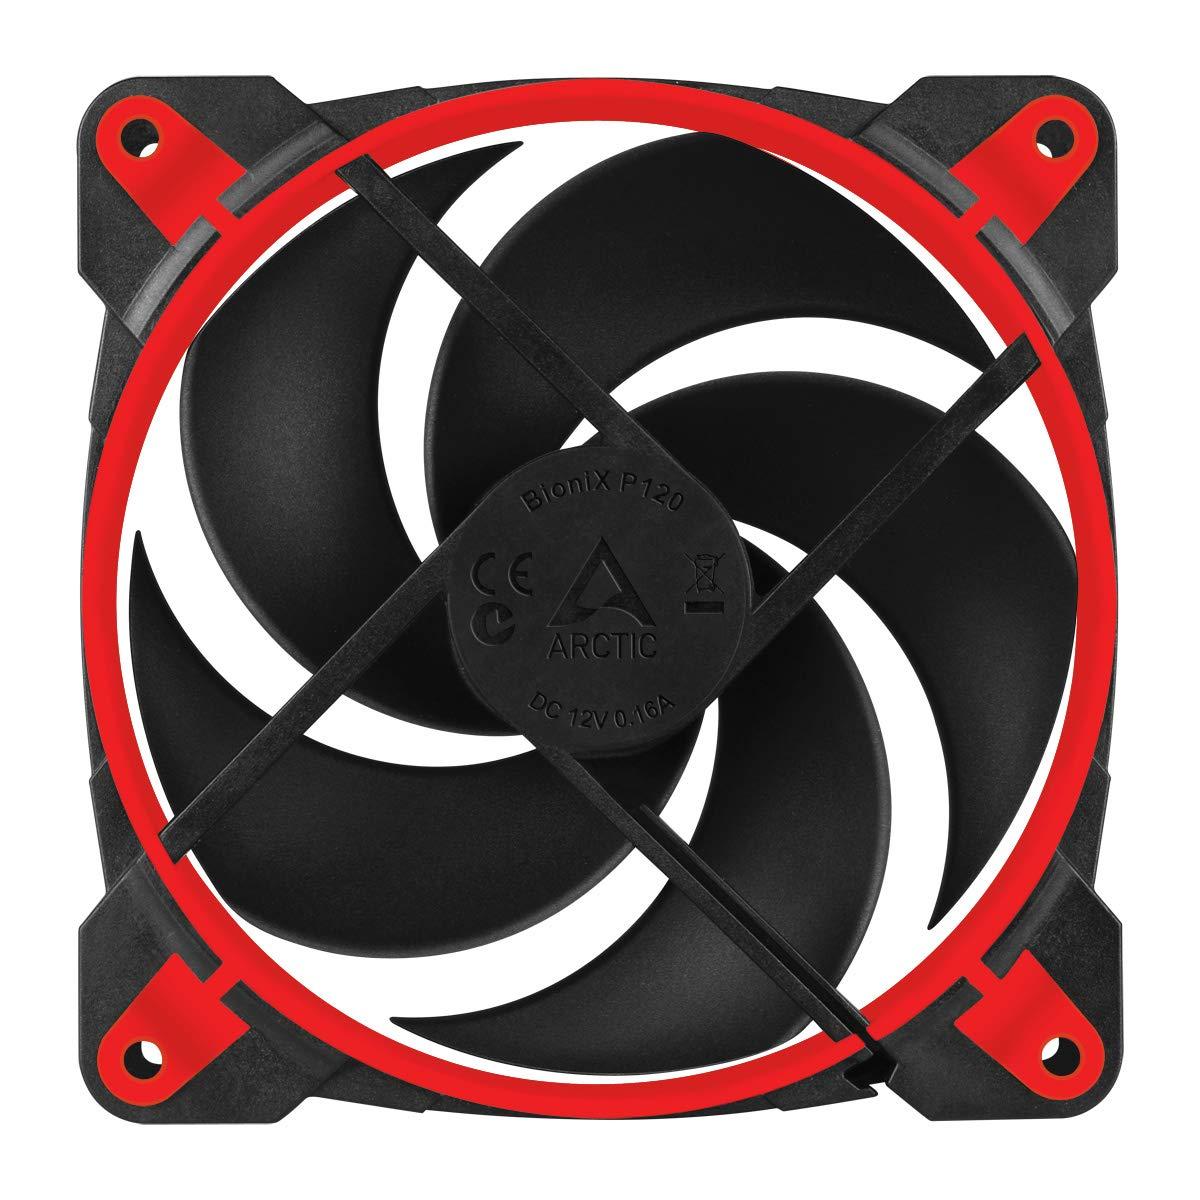 ARCTIC BioniX P120 - Ventilador de Caja - Ventilador de CPU - 120mm - conexión PST- 200 hasta 2100 TR/MIN - Rojo: Amazon.es: Informática